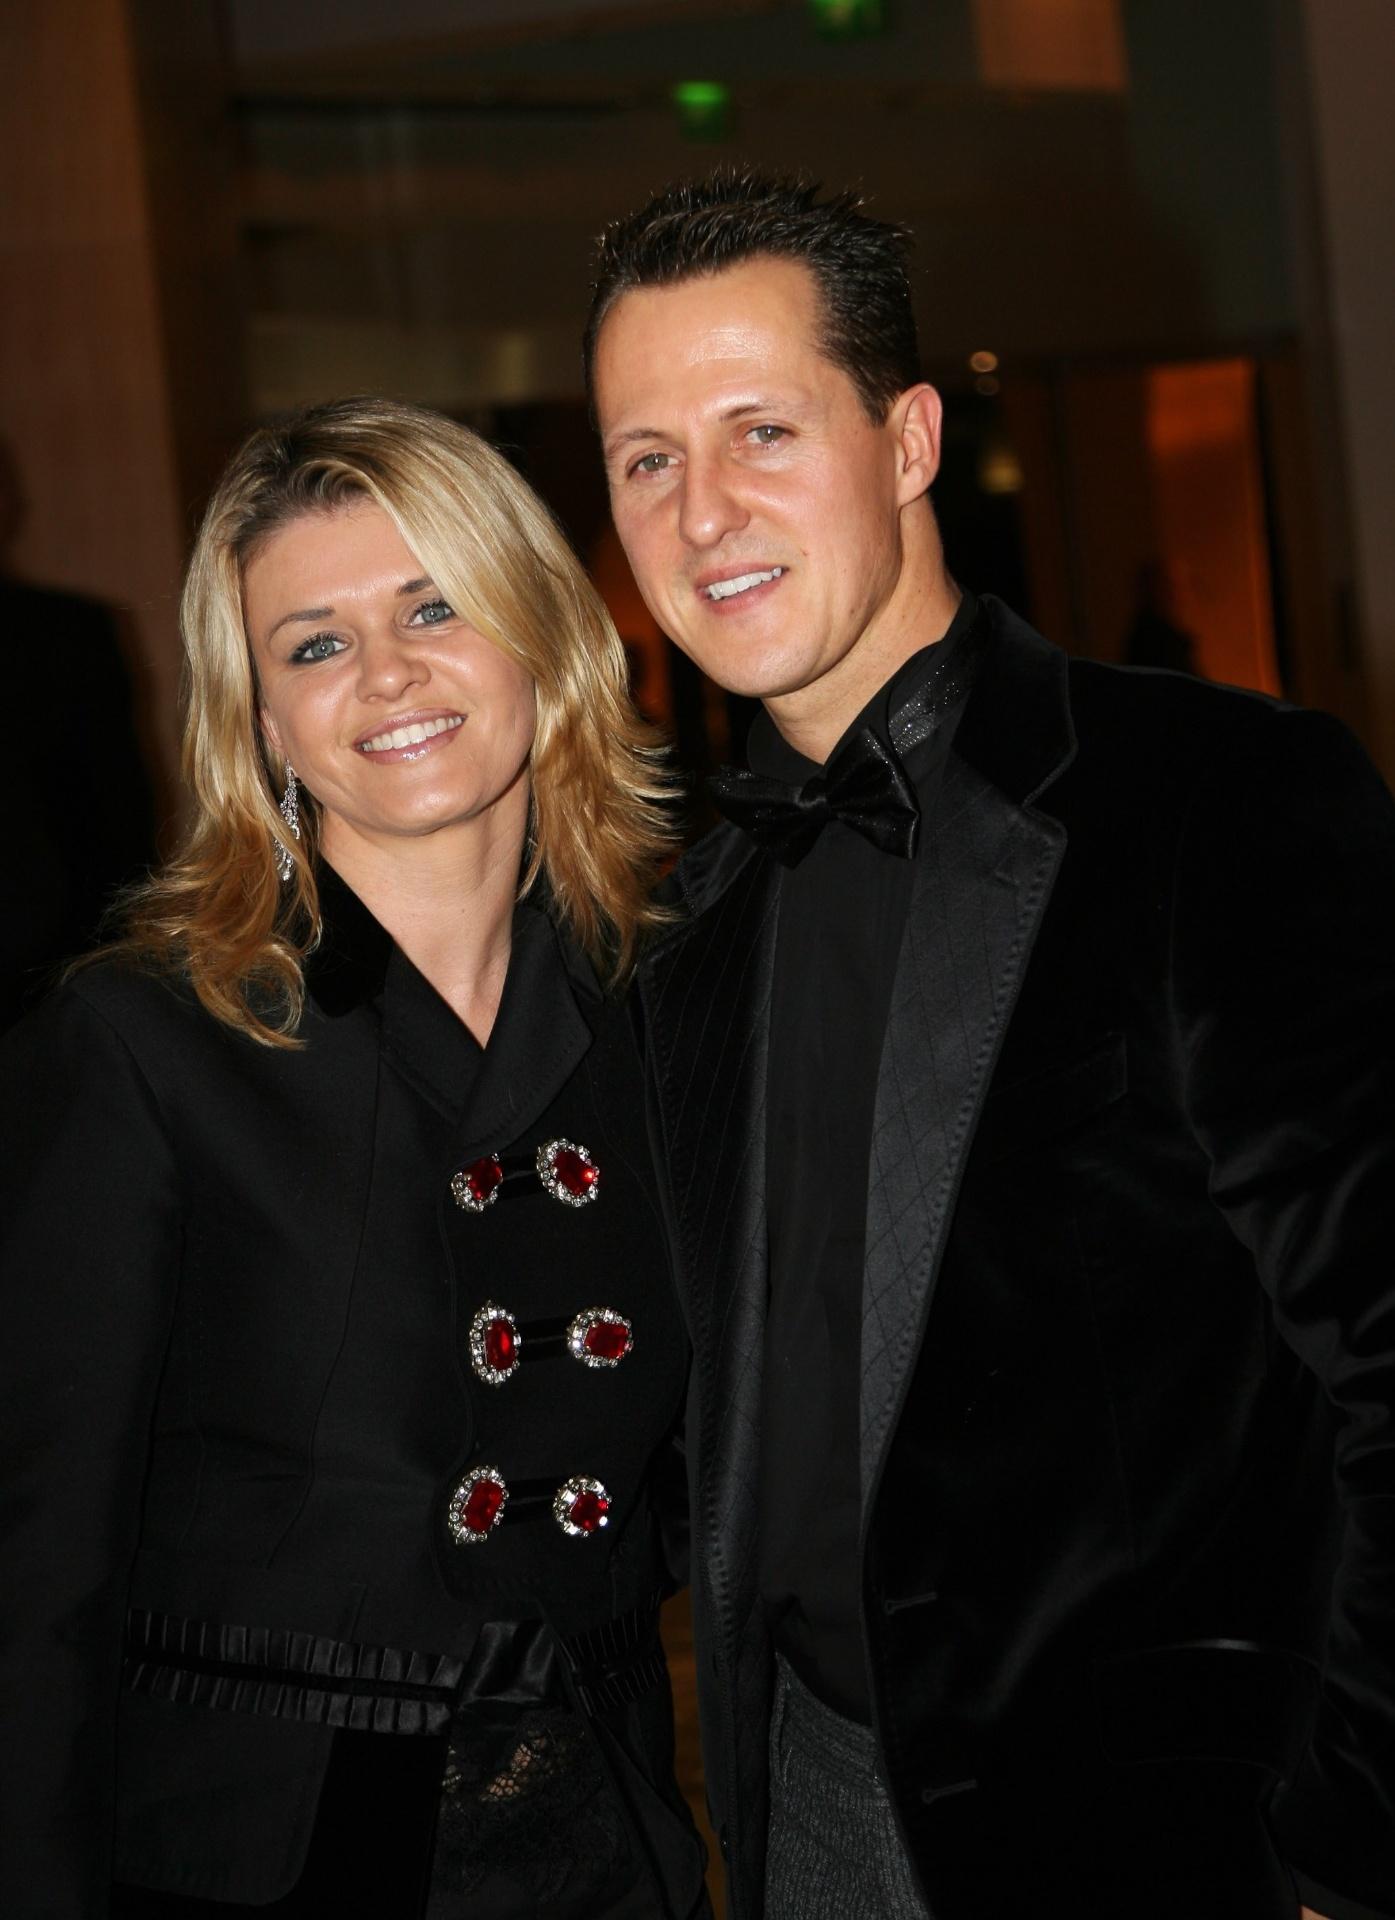 Michael Schumacher, piloto alemão, e a esposa Corinna posam para foto em Monte Carlo, Mônaco